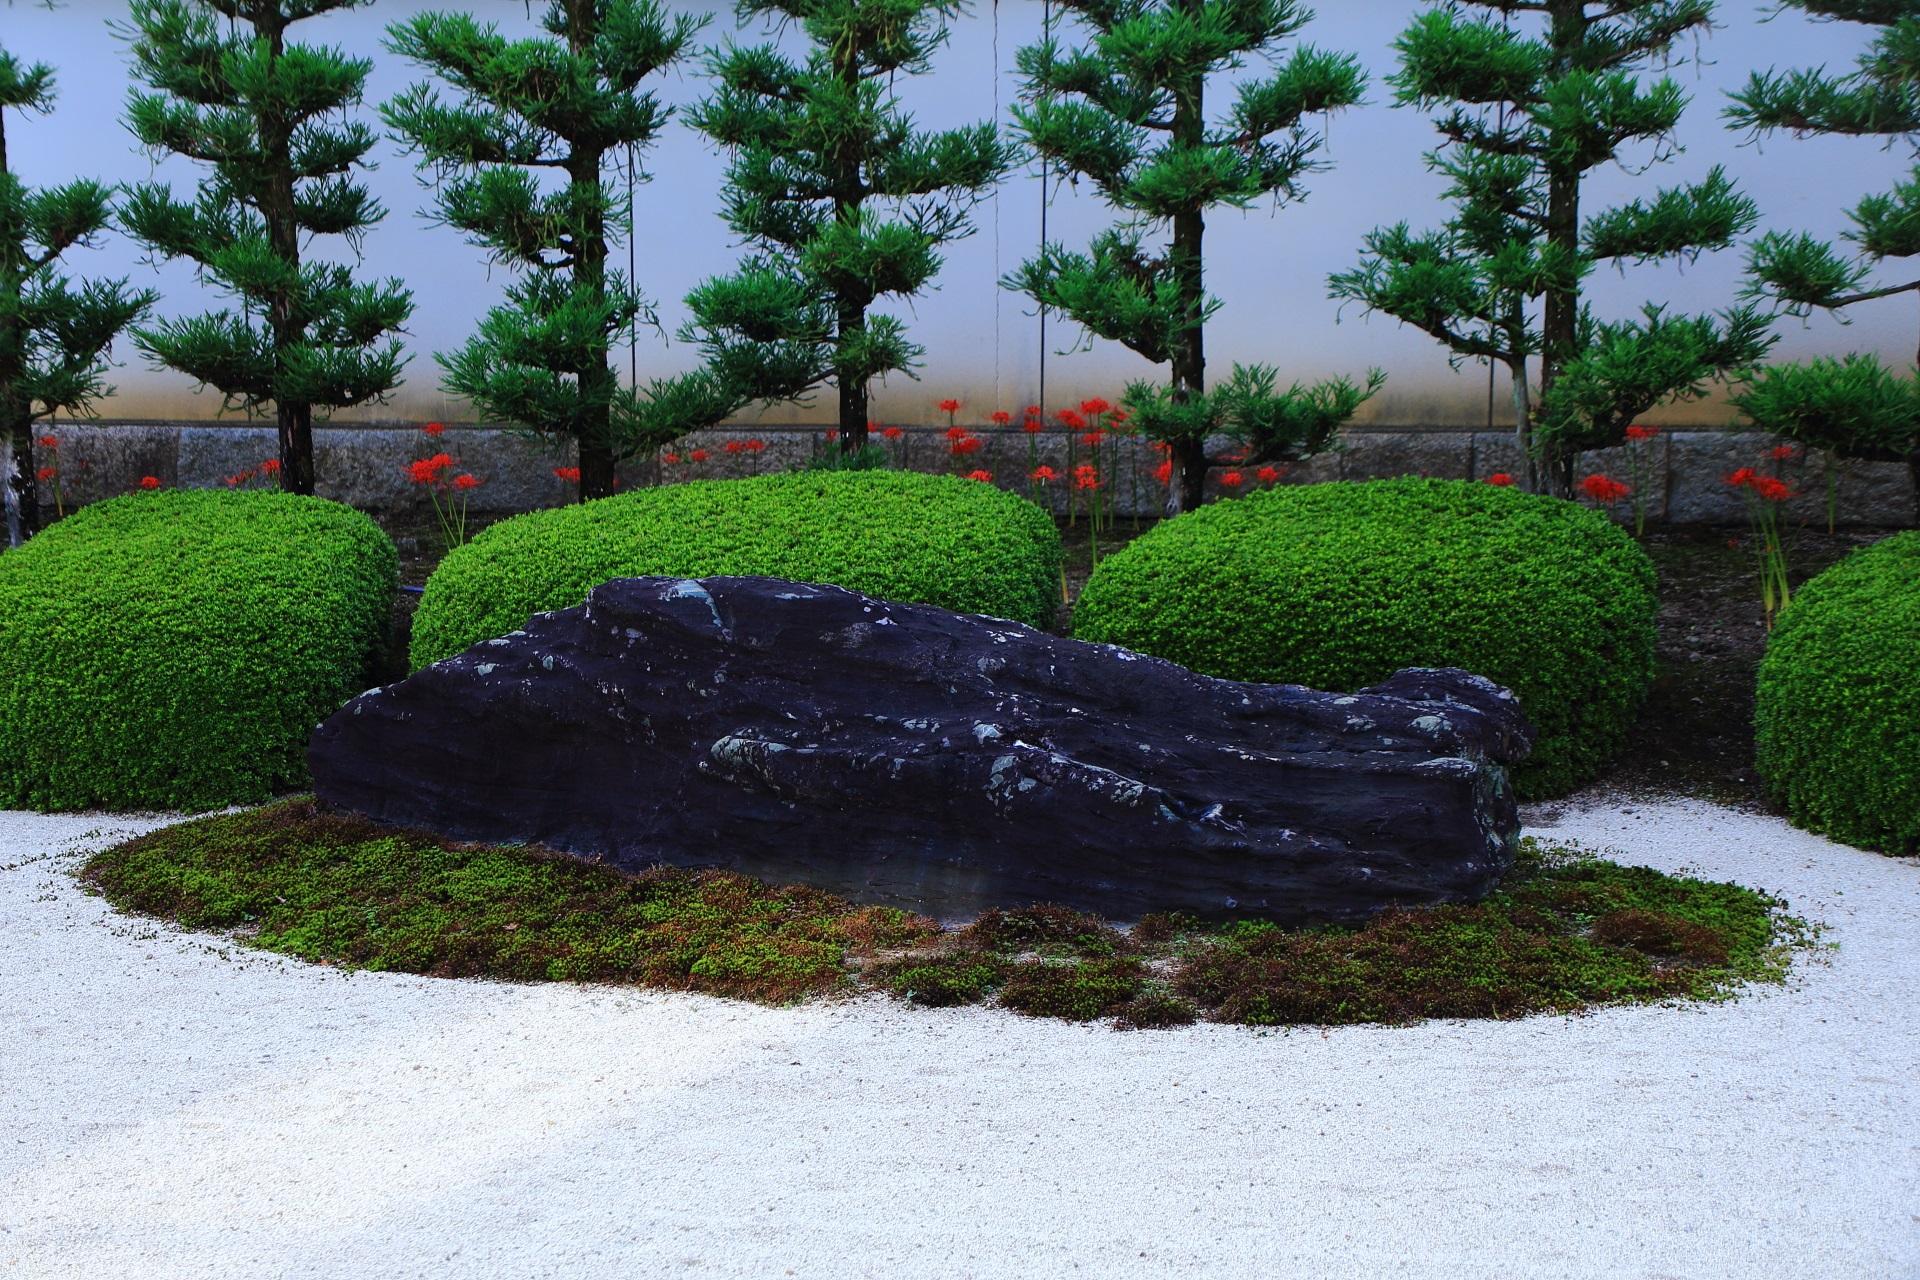 妙蓮寺の十六羅漢石庭に咲く赤い彼岸花